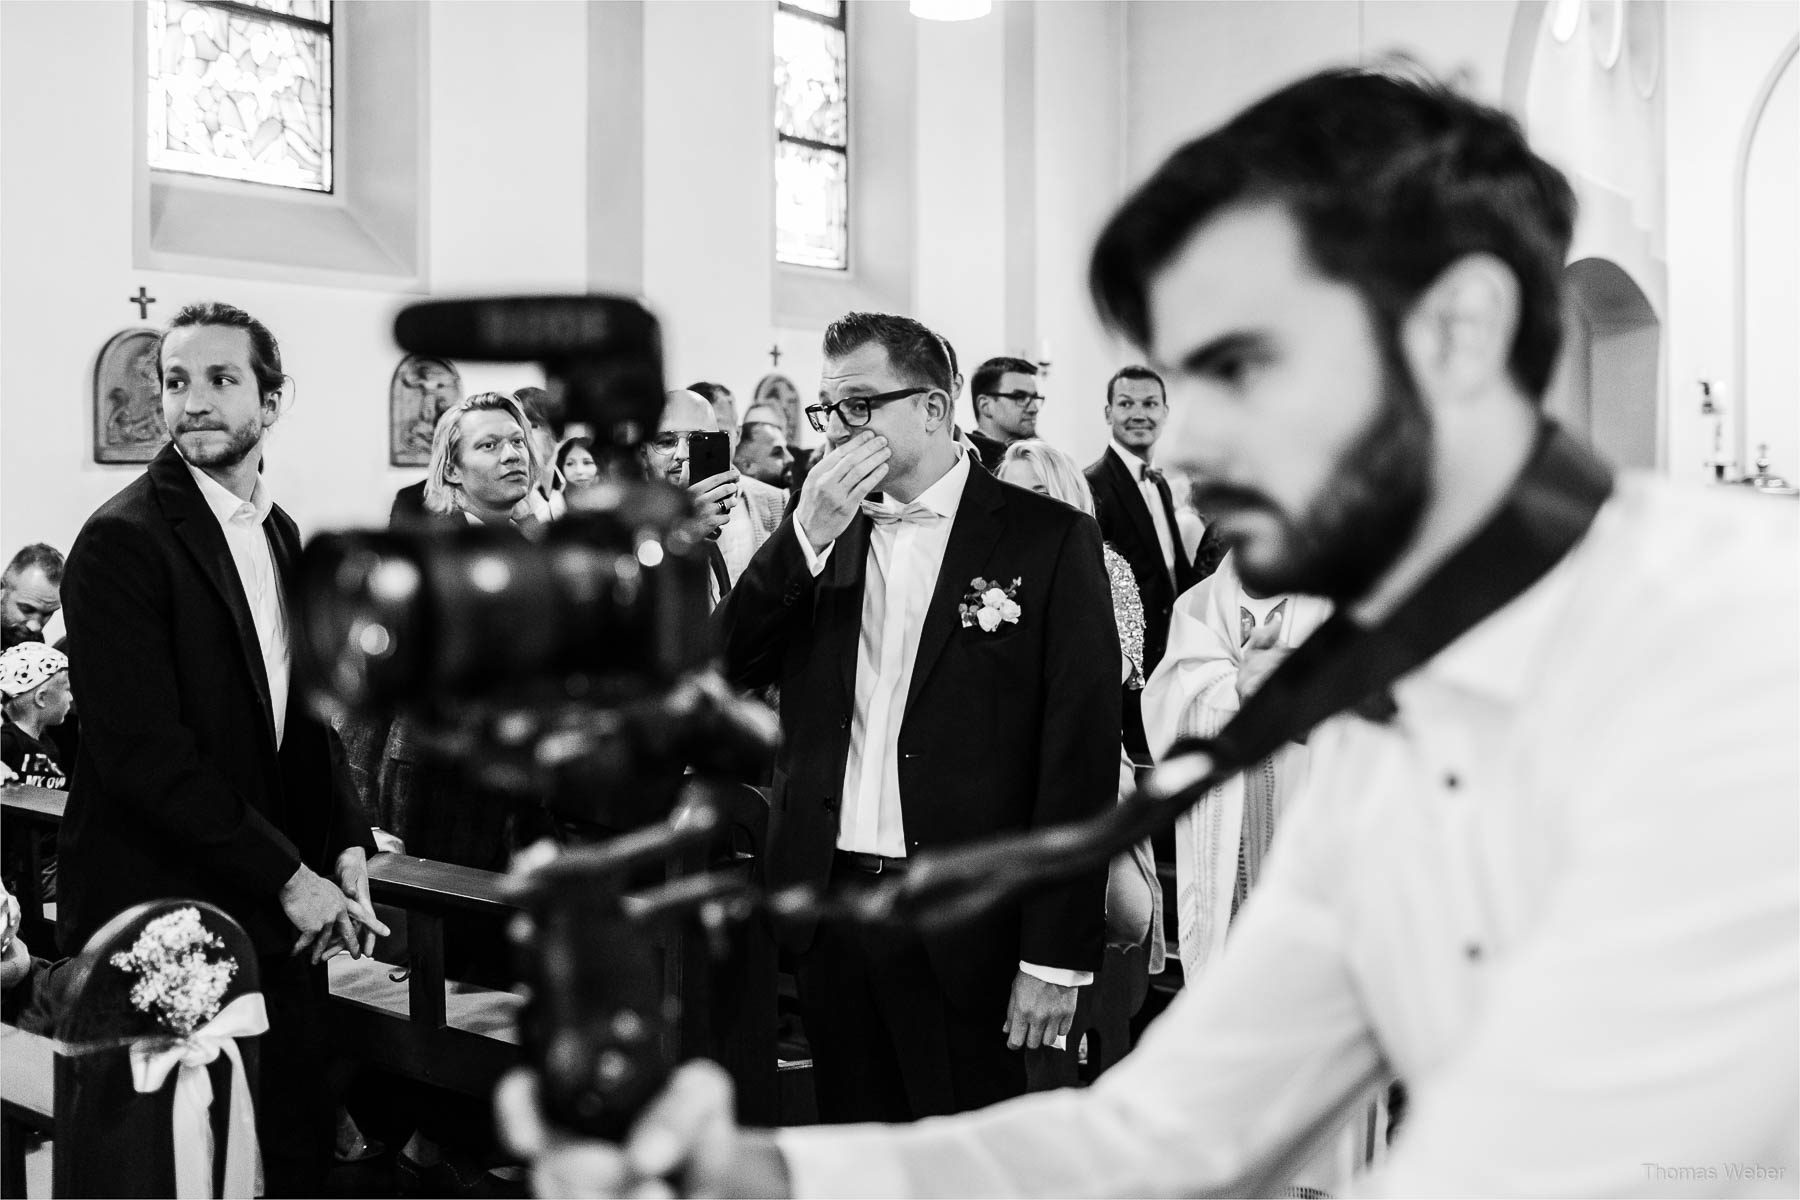 Kirchliche Hochzeit in Rastede und Hochzeitsfeier in der Scheune St. Georg Rastede, Hochzeitsfotograf Thomas Weber aus Oldenburg